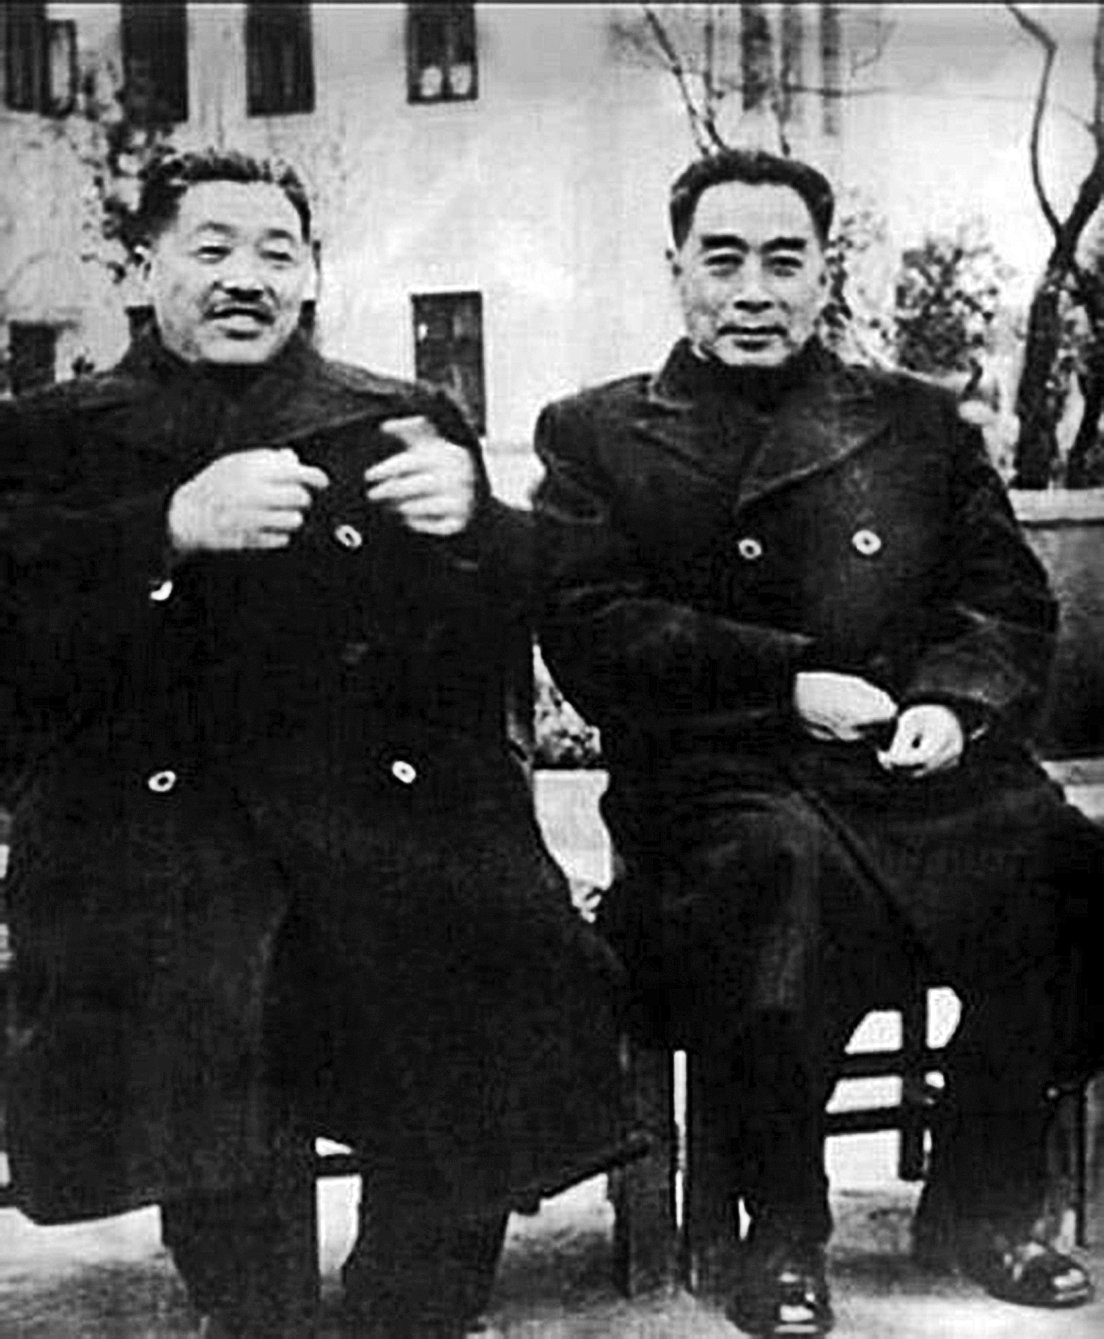 周恩來(圖右)引薦賀龍(圖左)入黨,到賀龍去世,兩人有著長達42年的交往。(網絡圖片)